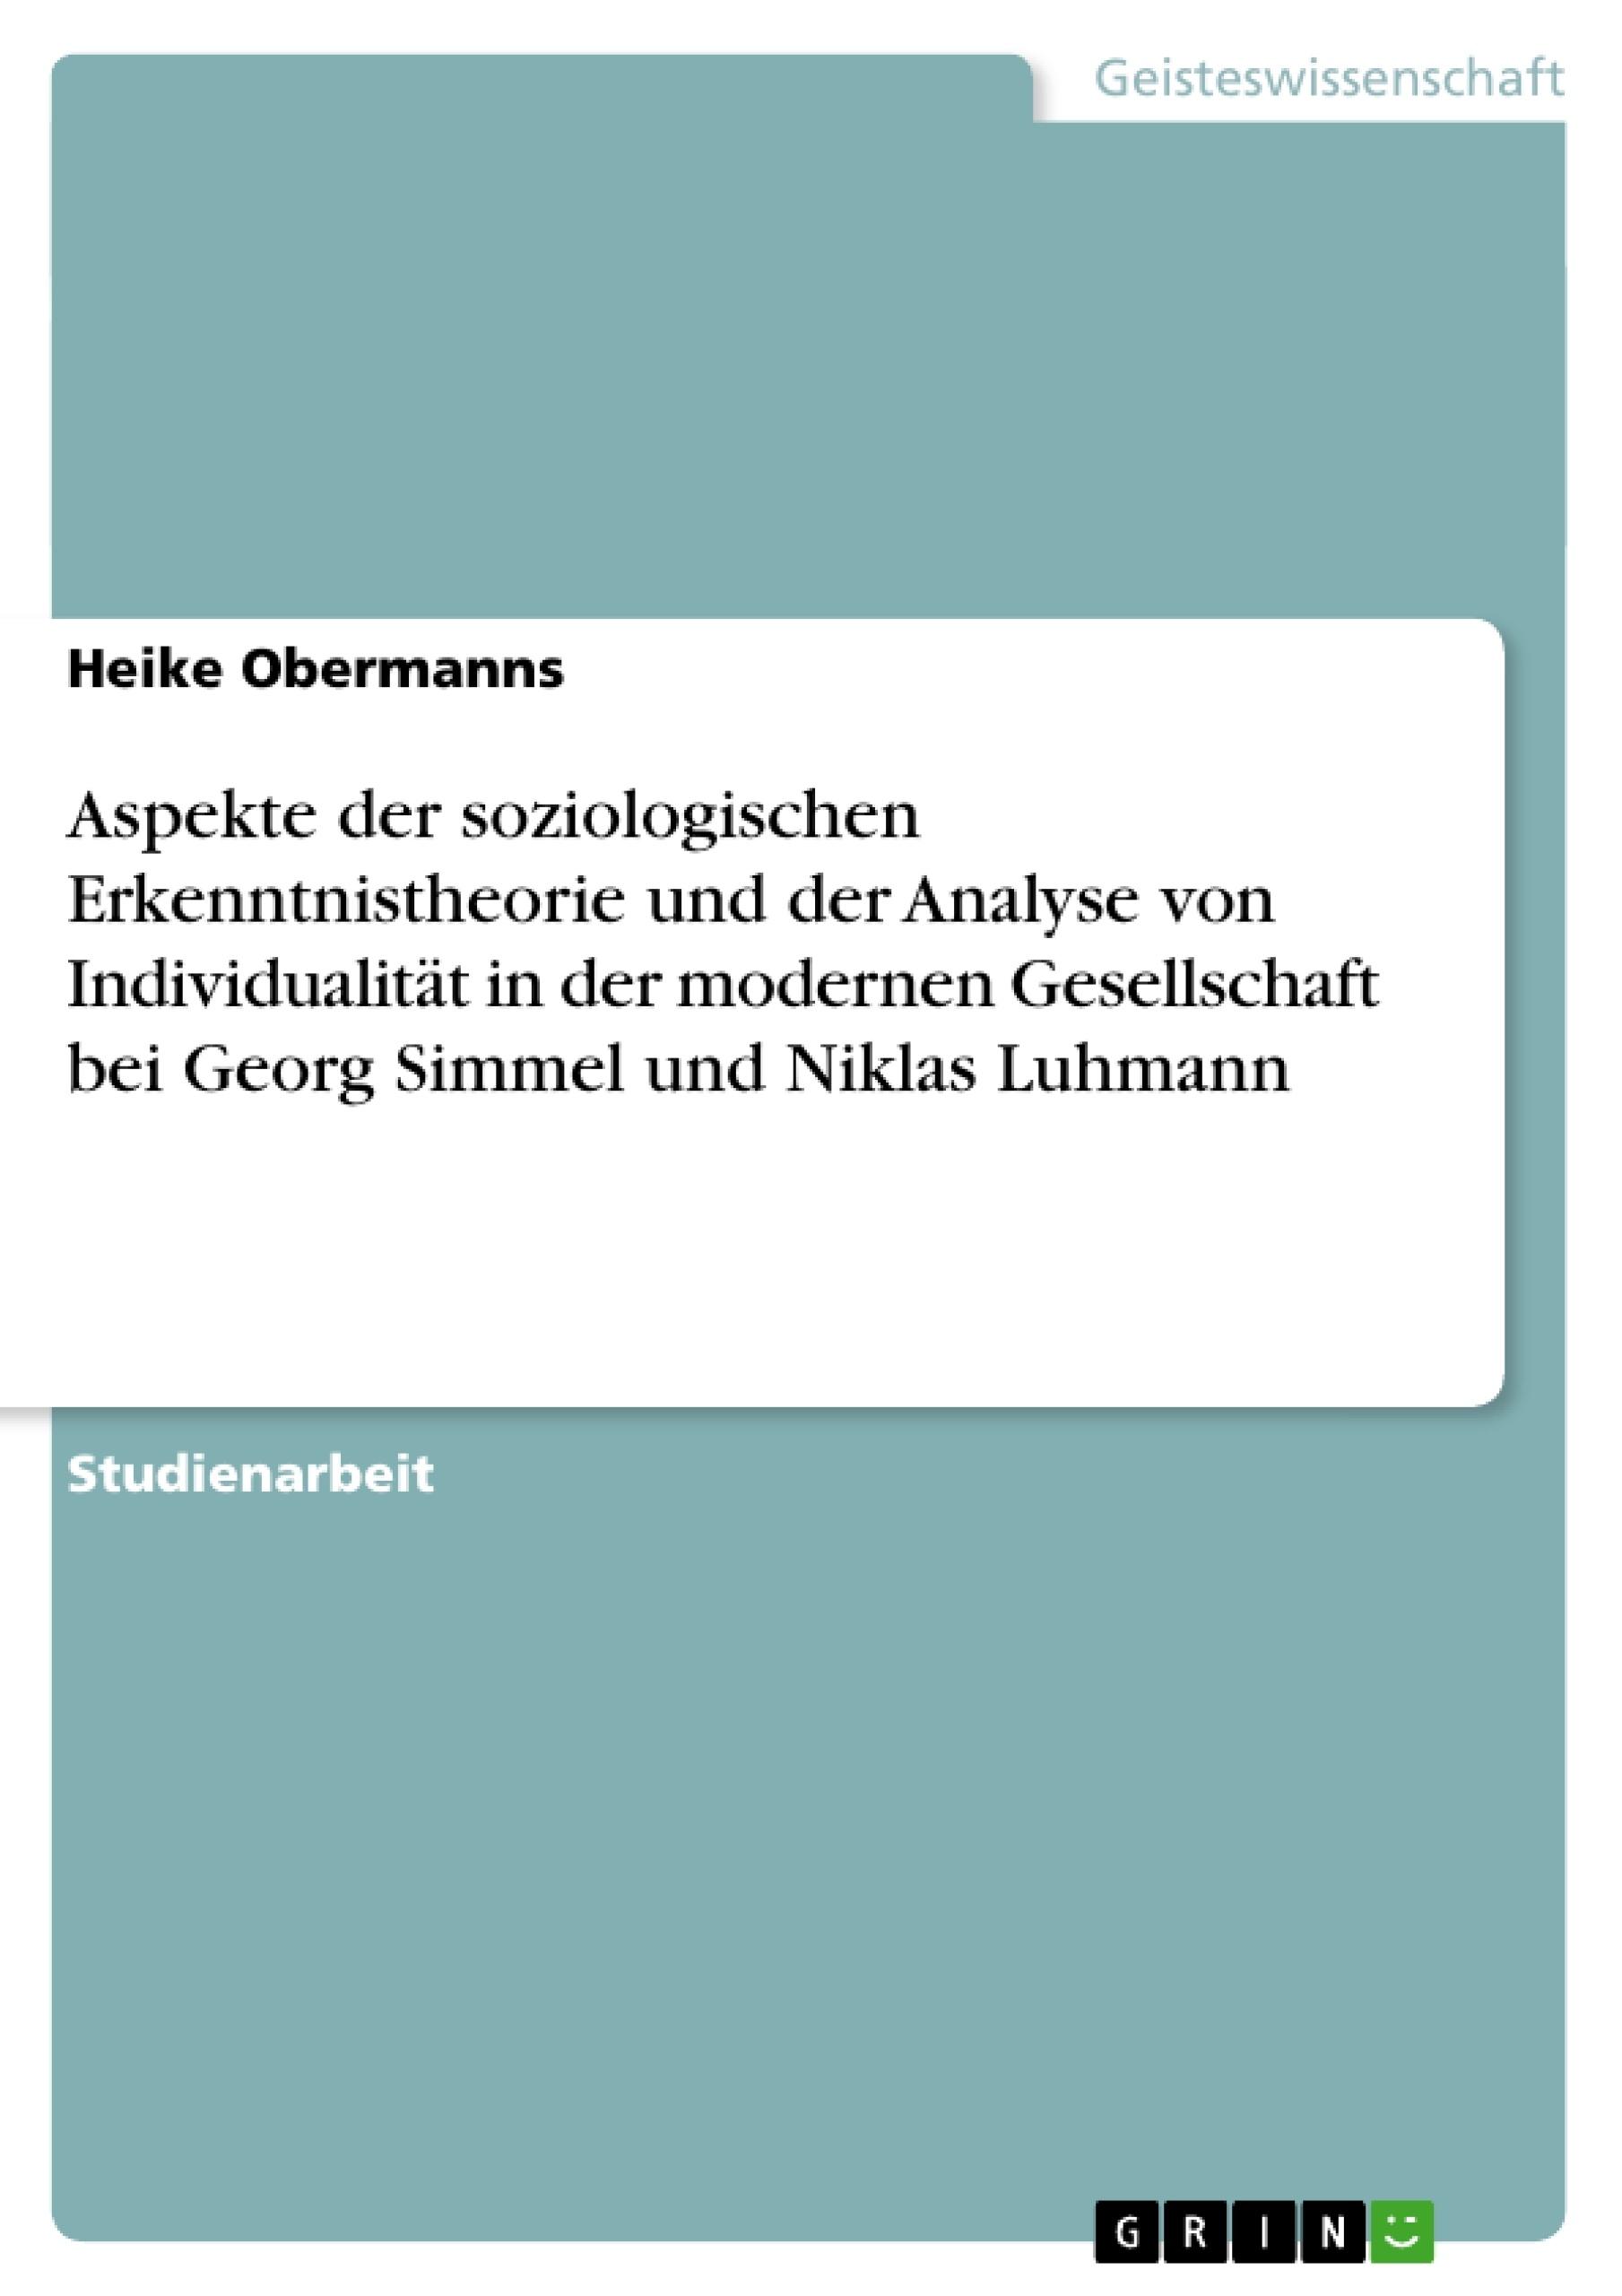 Titel: Aspekte der soziologischen Erkenntnistheorie und der Analyse von Individualität in der modernen Gesellschaft bei Georg Simmel  und Niklas Luhmann